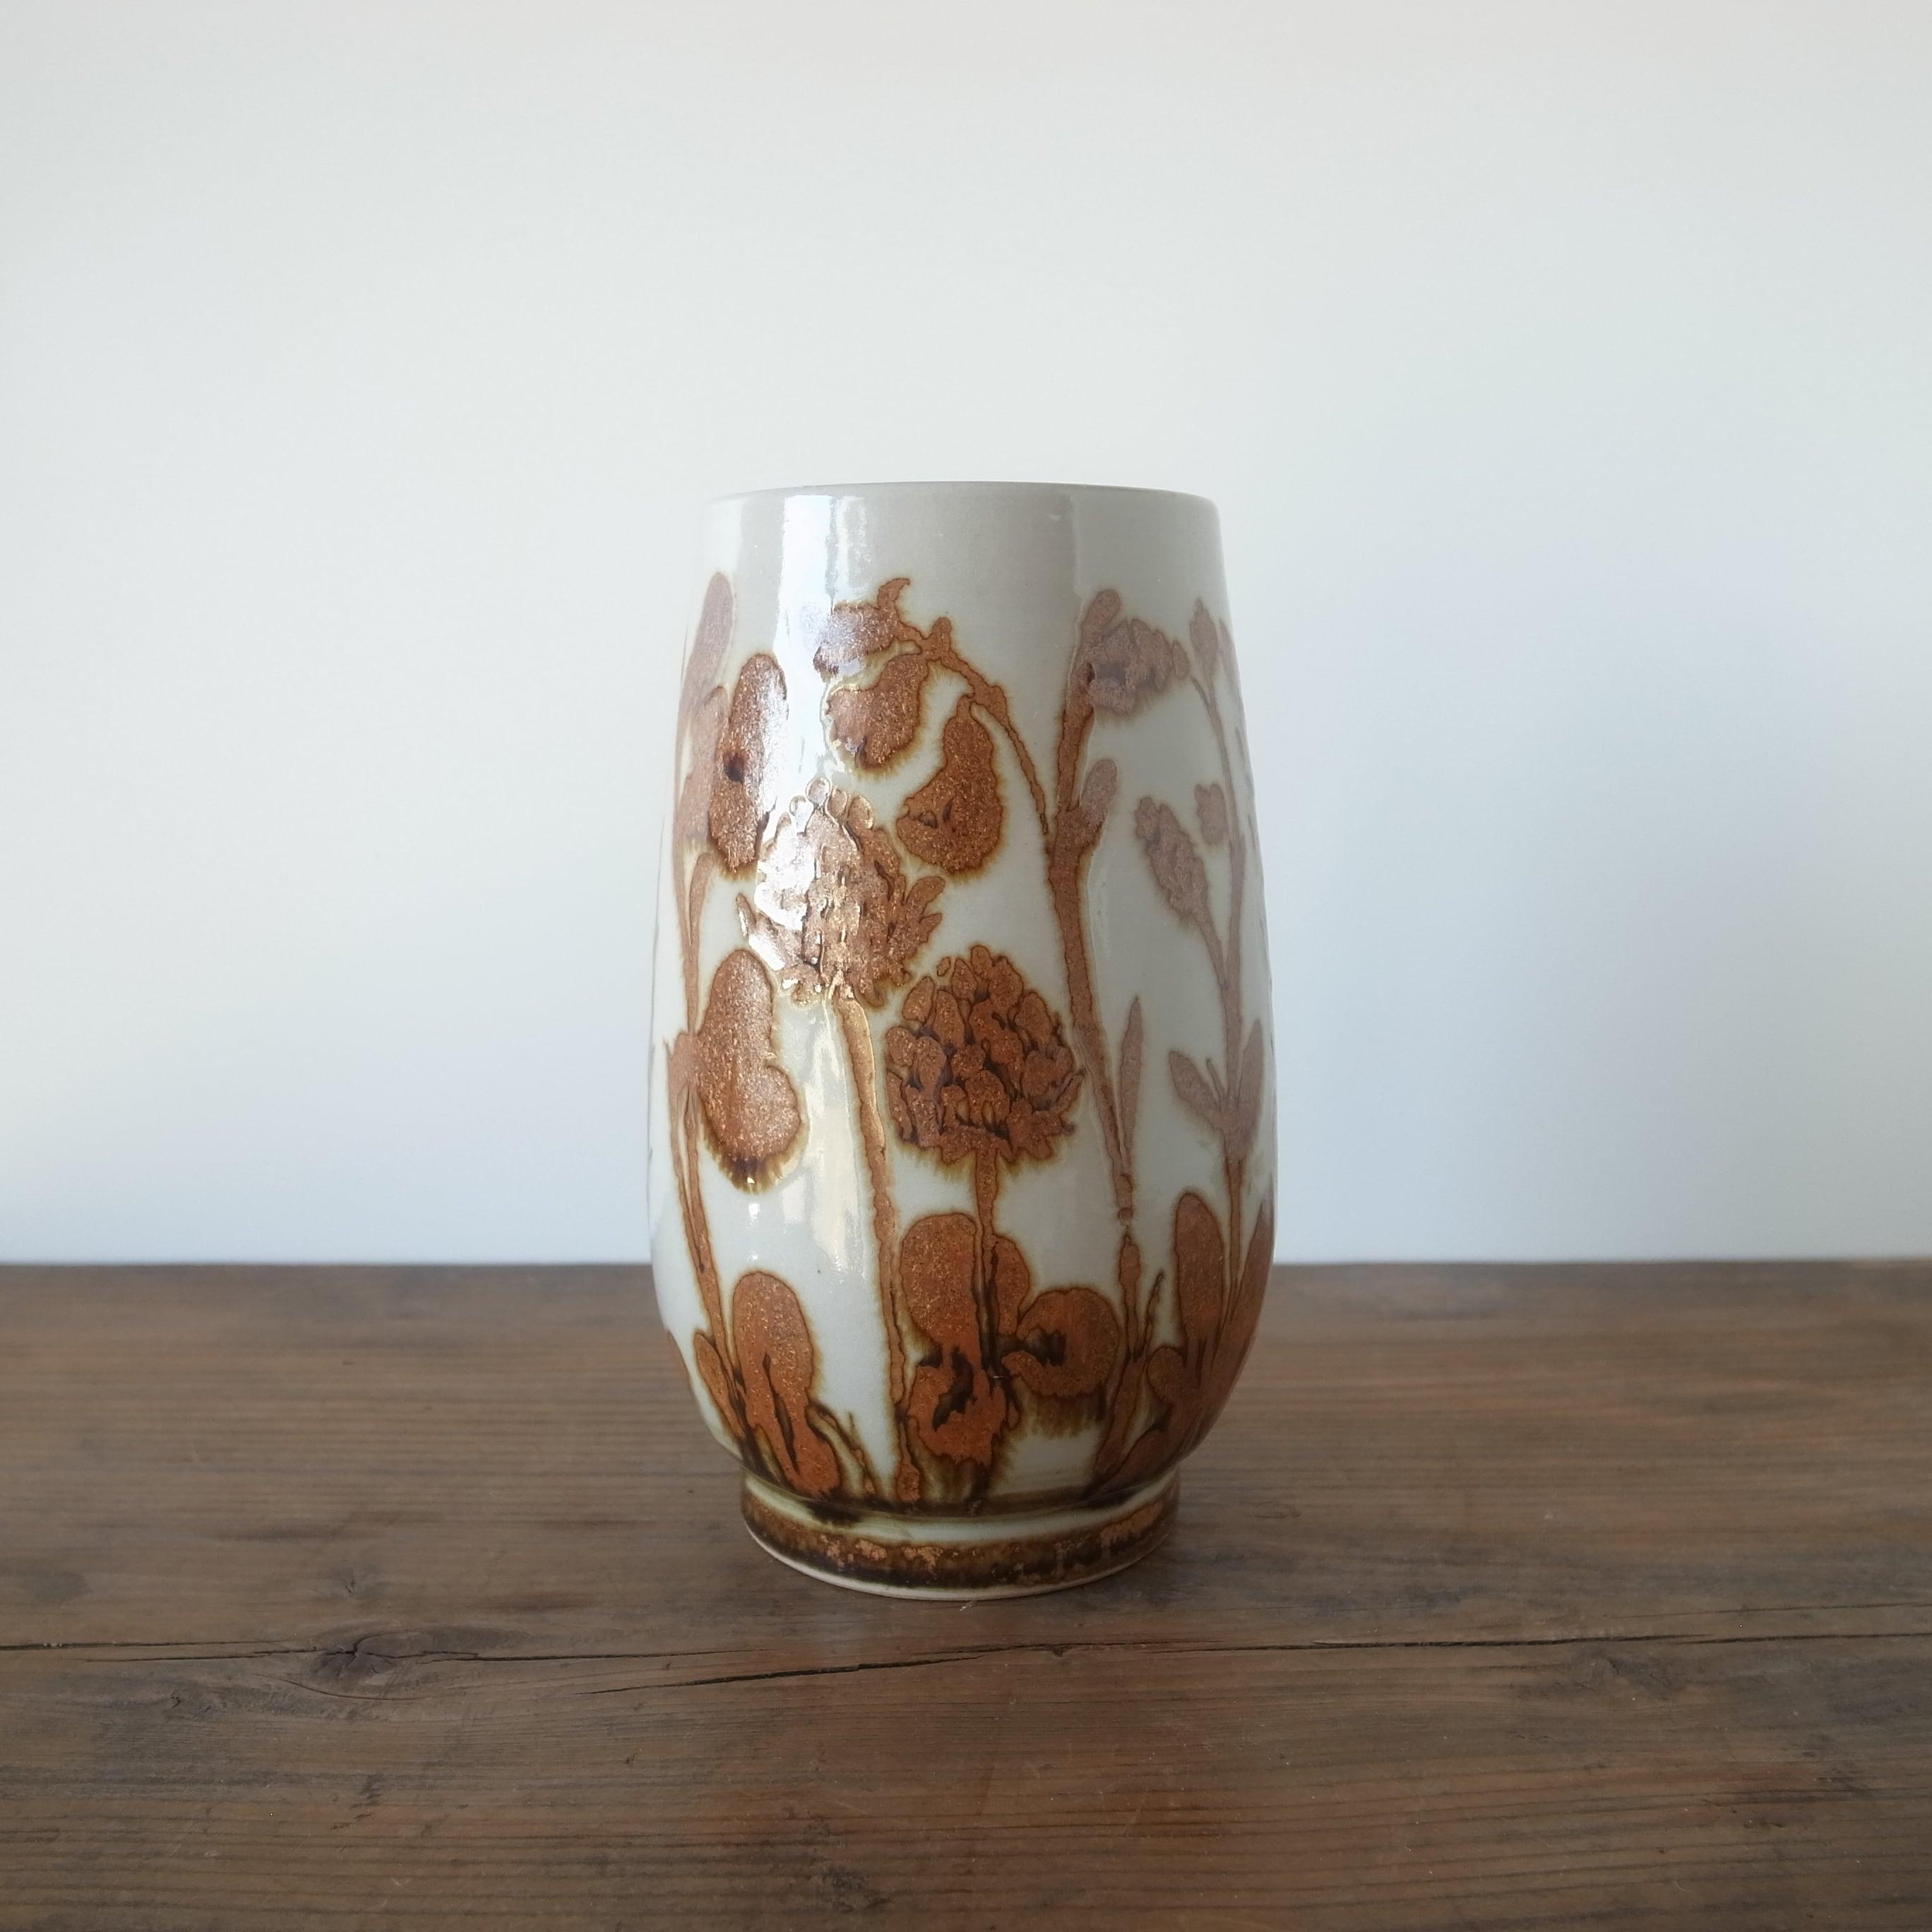 Carl-Harry Stålhane / Designhuset / flower vase